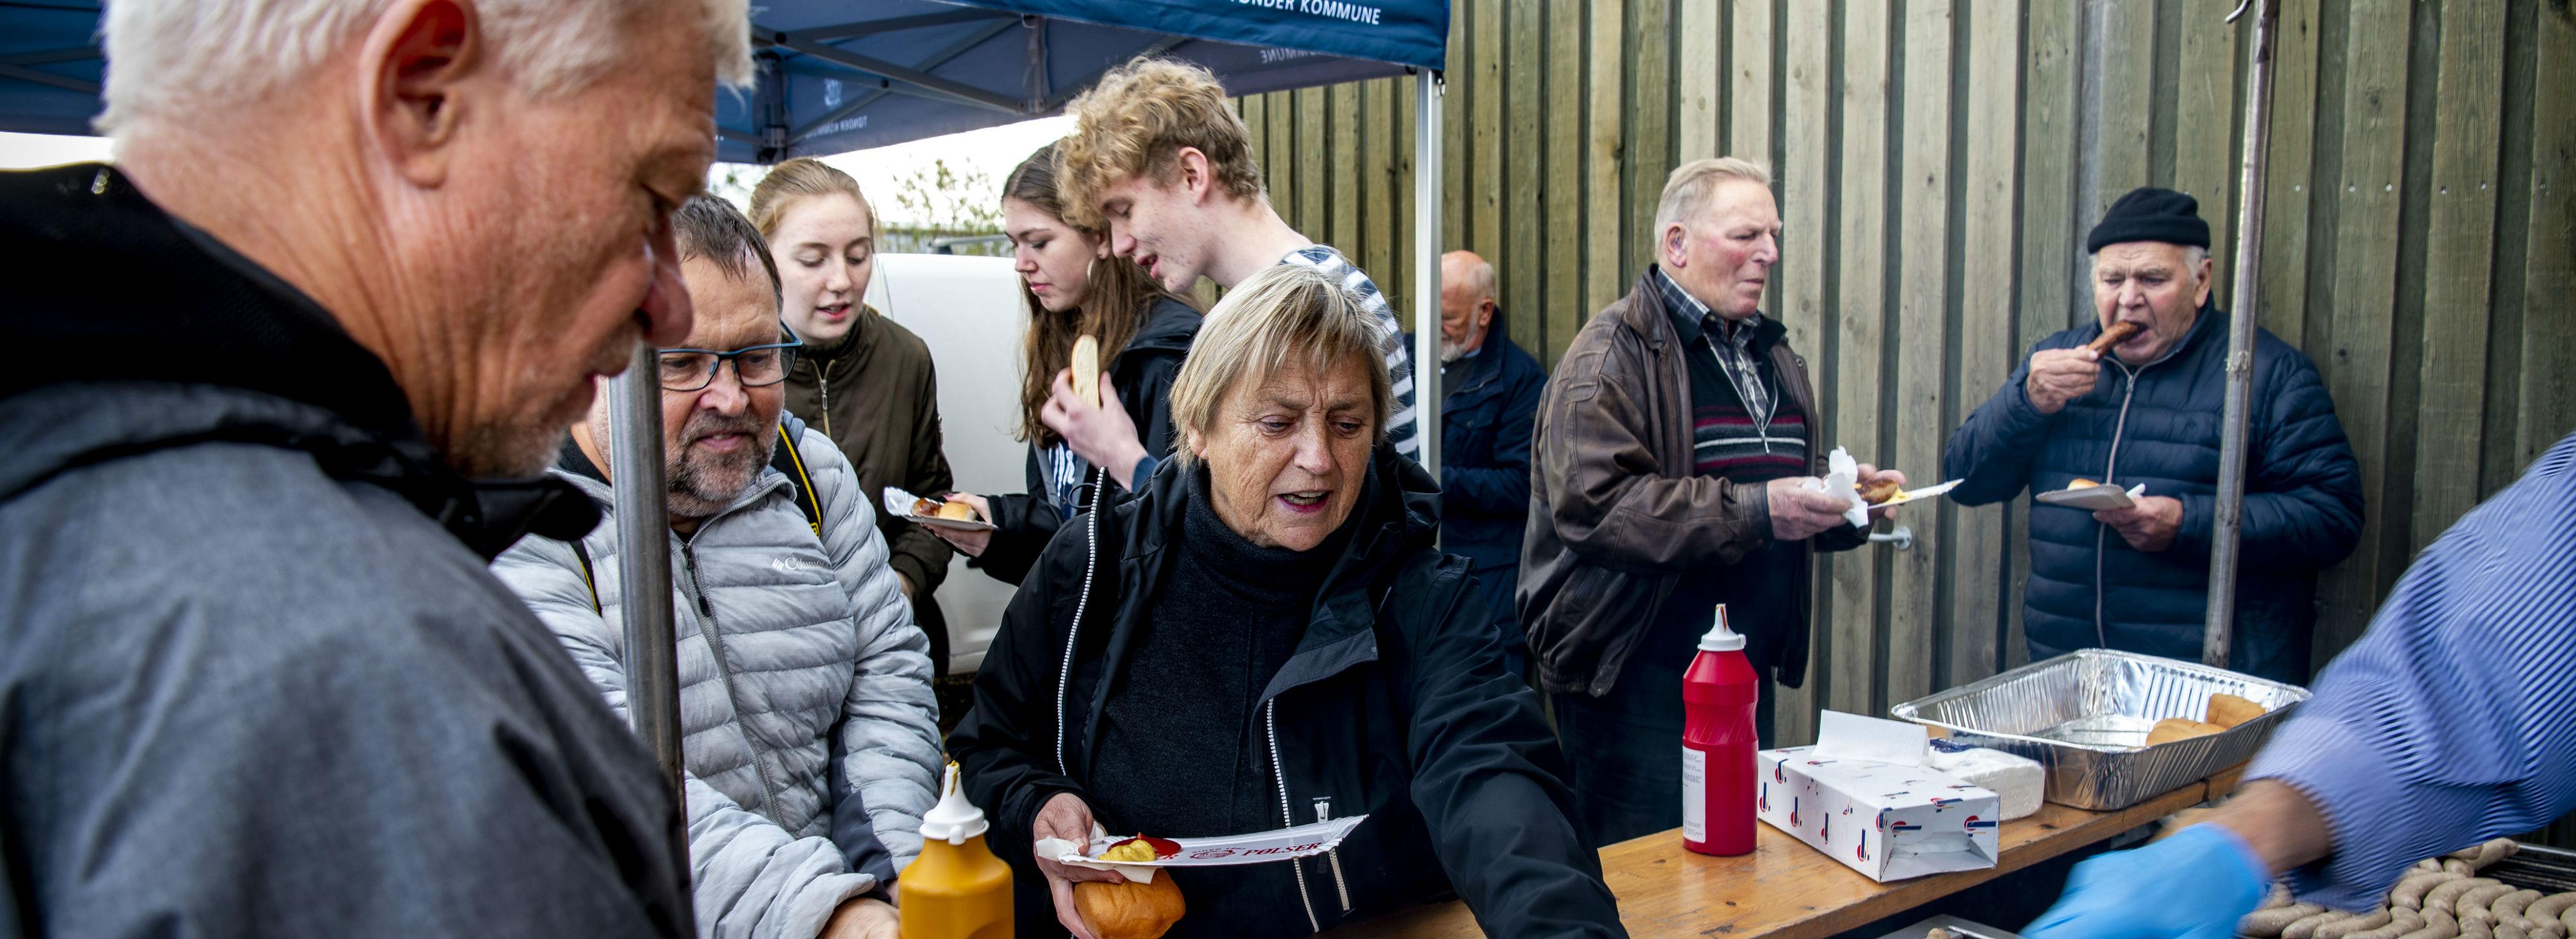 Deltidsbeboerne vil gerne være en del af det lokale liv - som da man i tirsdags fejrede første spadestik for byomdannelsen af Højer til at blive porten til Tøndermarsken.<br />Foto: Tøndermarsk Initiativet